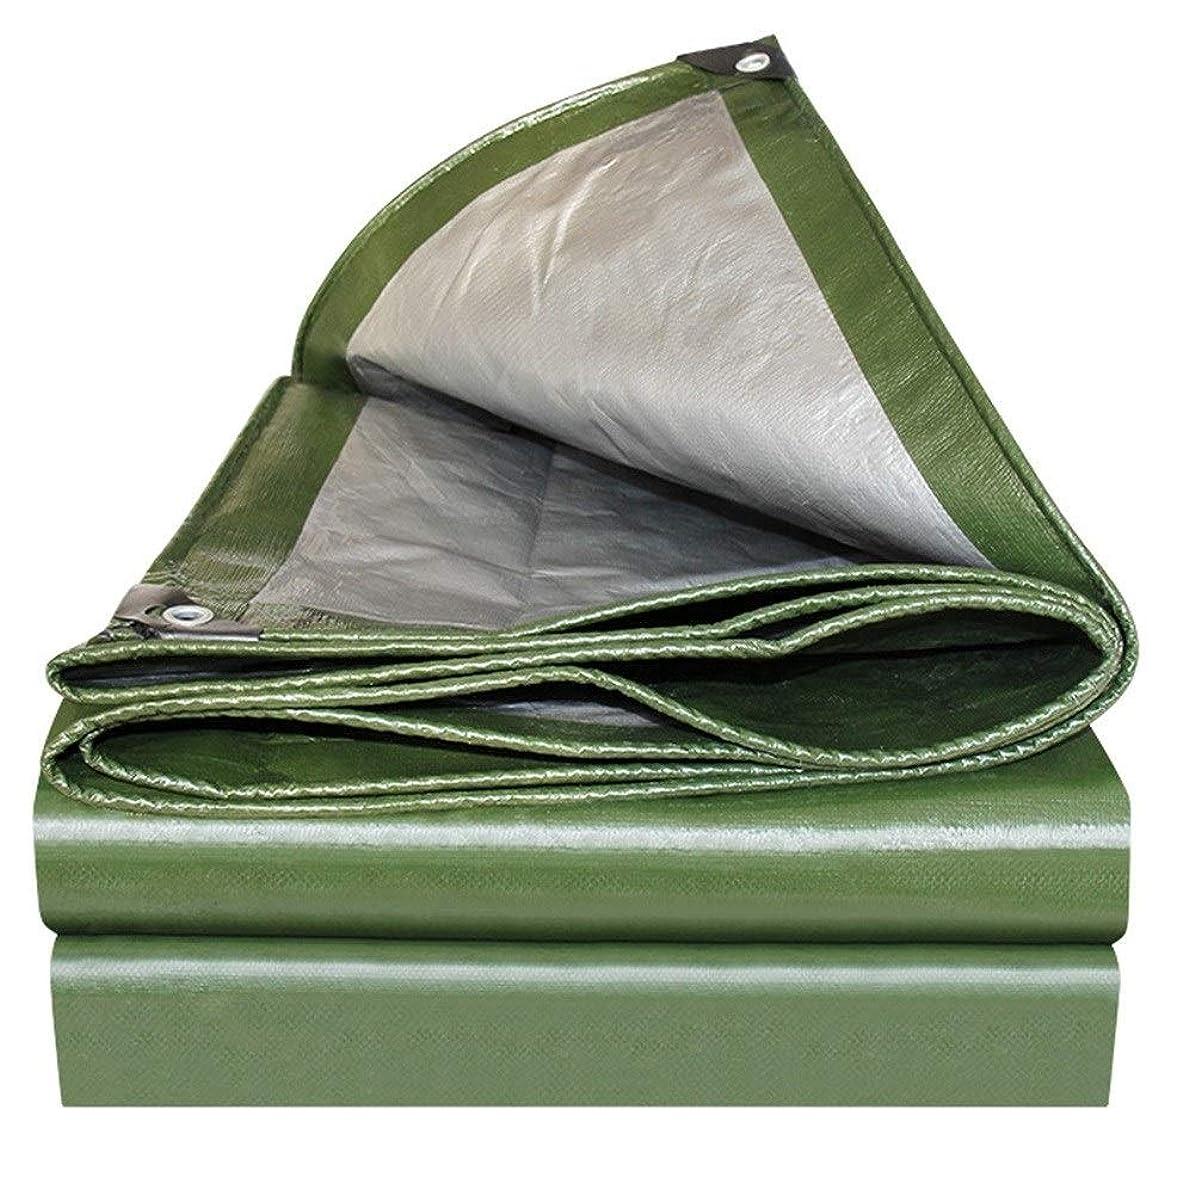 ばかげたワゴン注ぎますLCAIHUA 防水シートポリエチレン針の目なし耐摩耗性エッジ補強屋外のトラック庭園、13サイズ (Color : Green, Size : 6x10M)